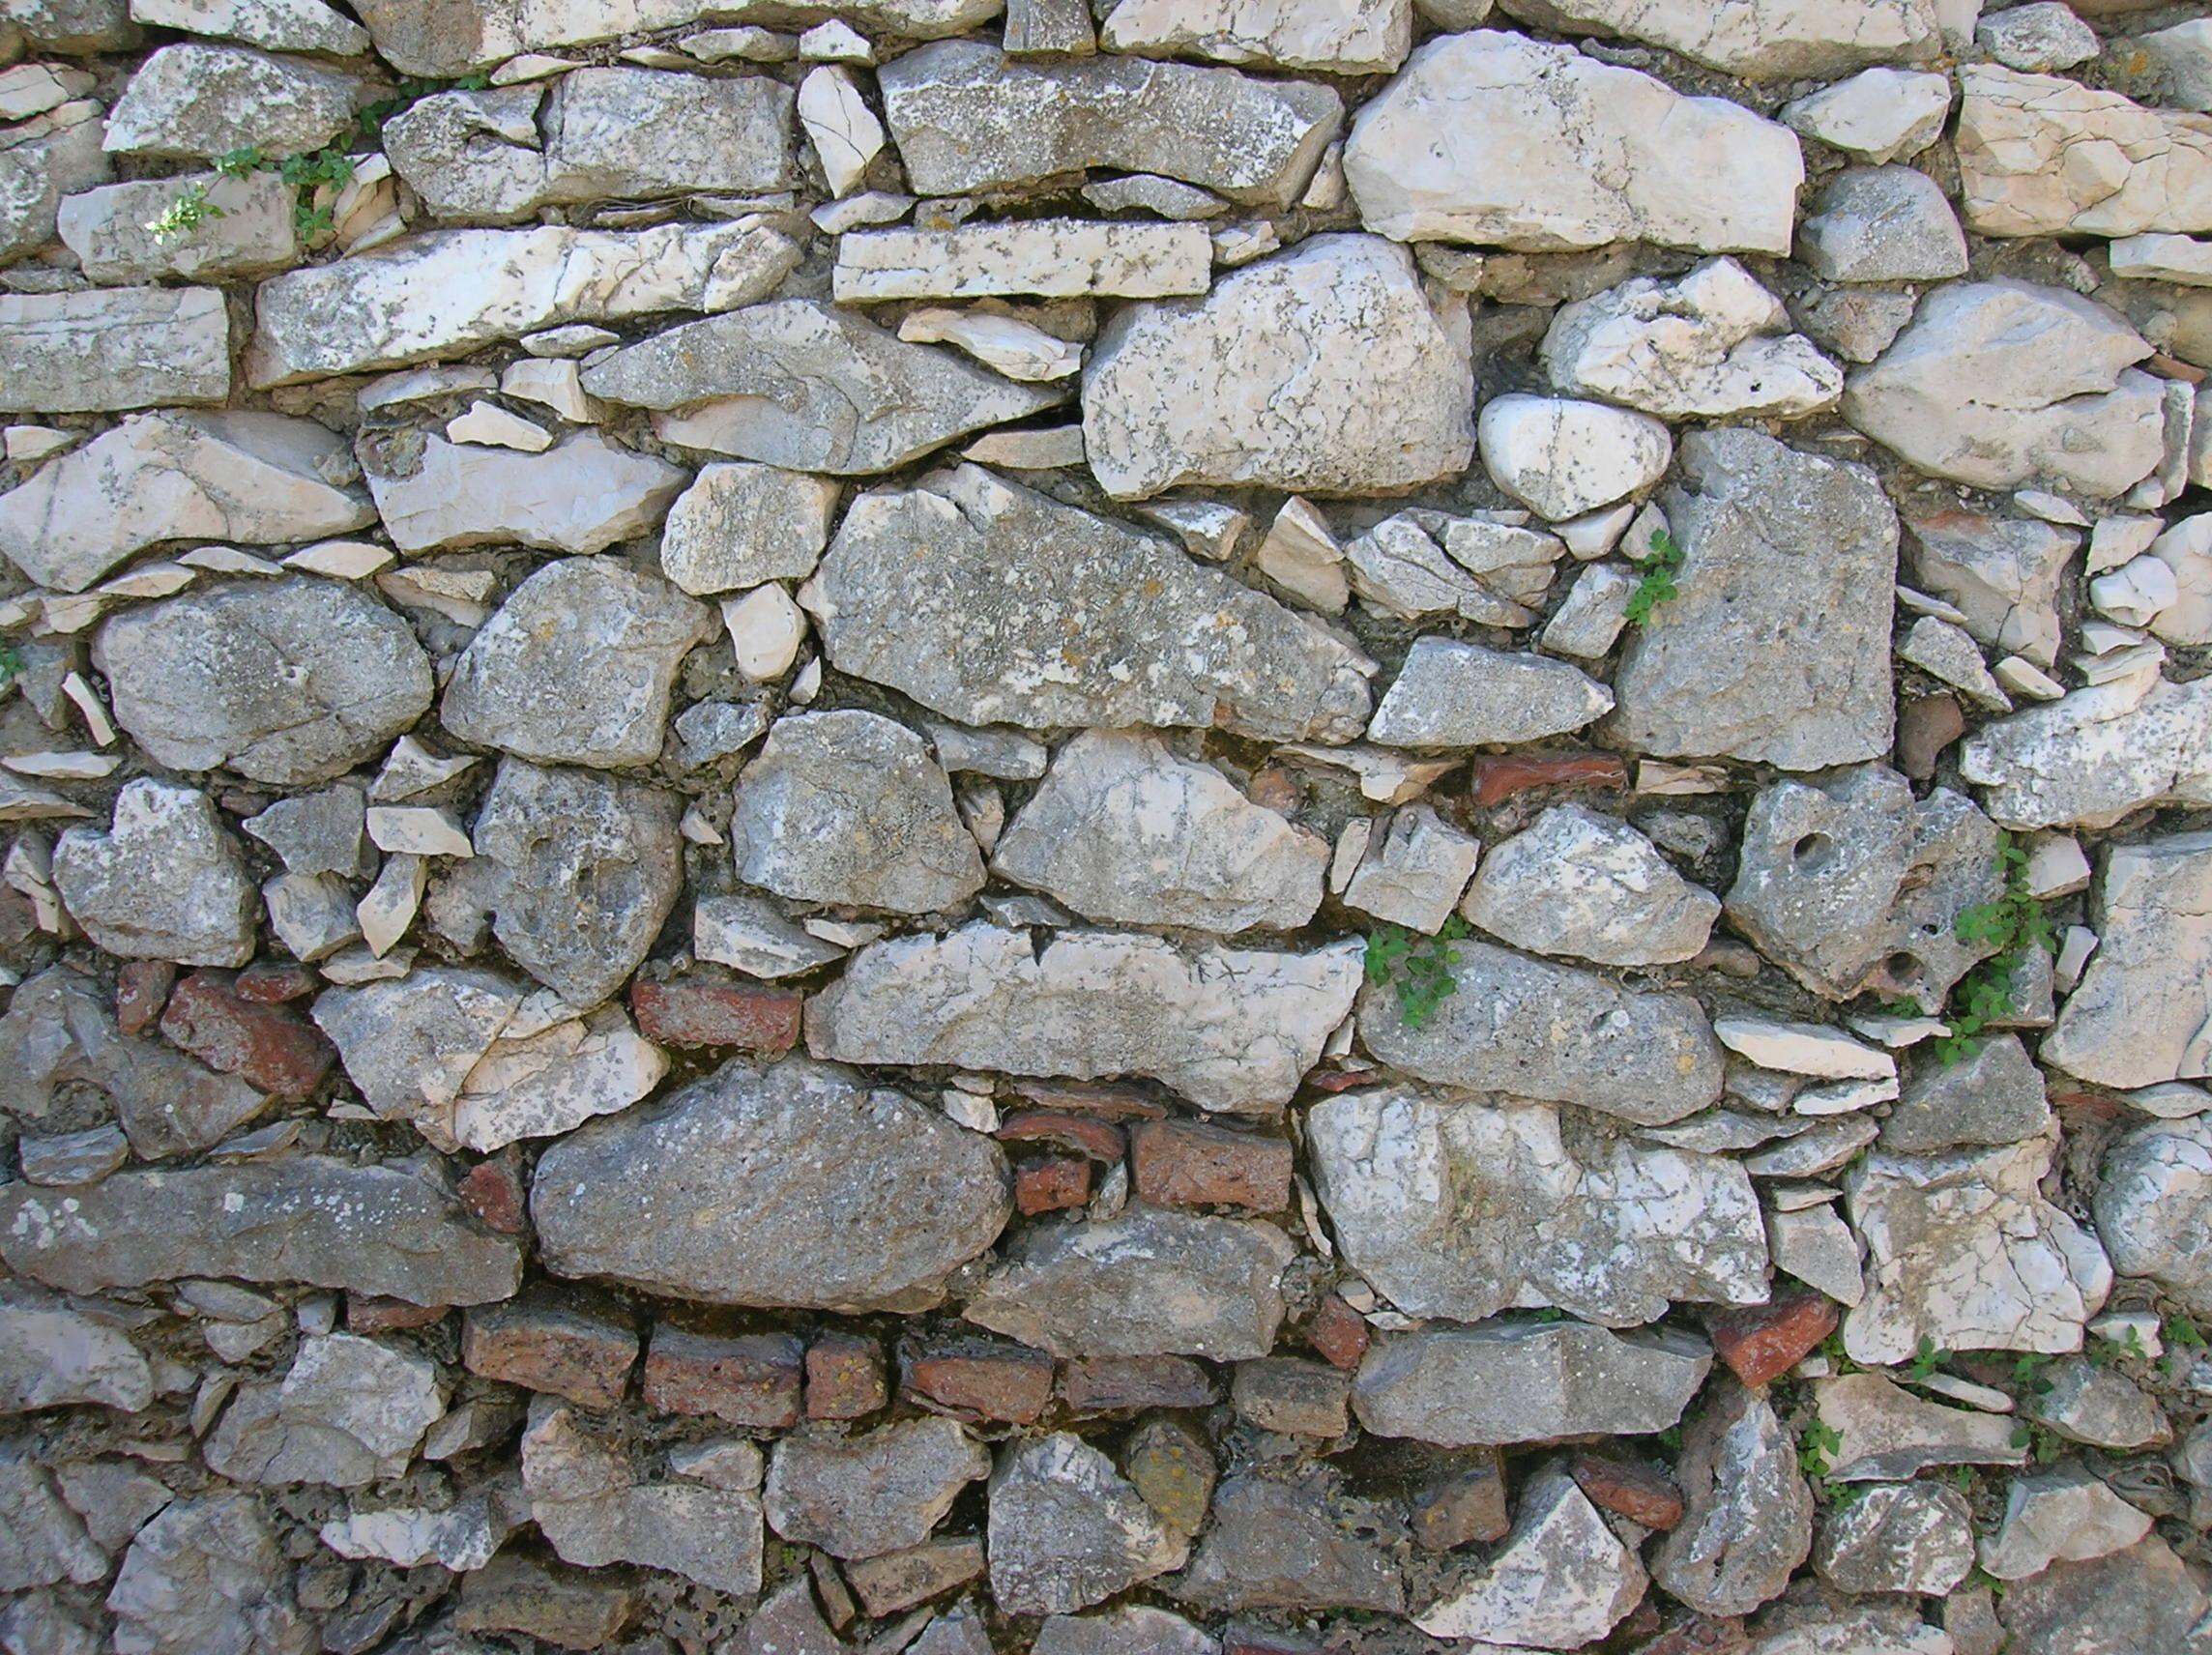 Fotos gratis rock edificio guijarro pared asfalto - Pared de piedra ...